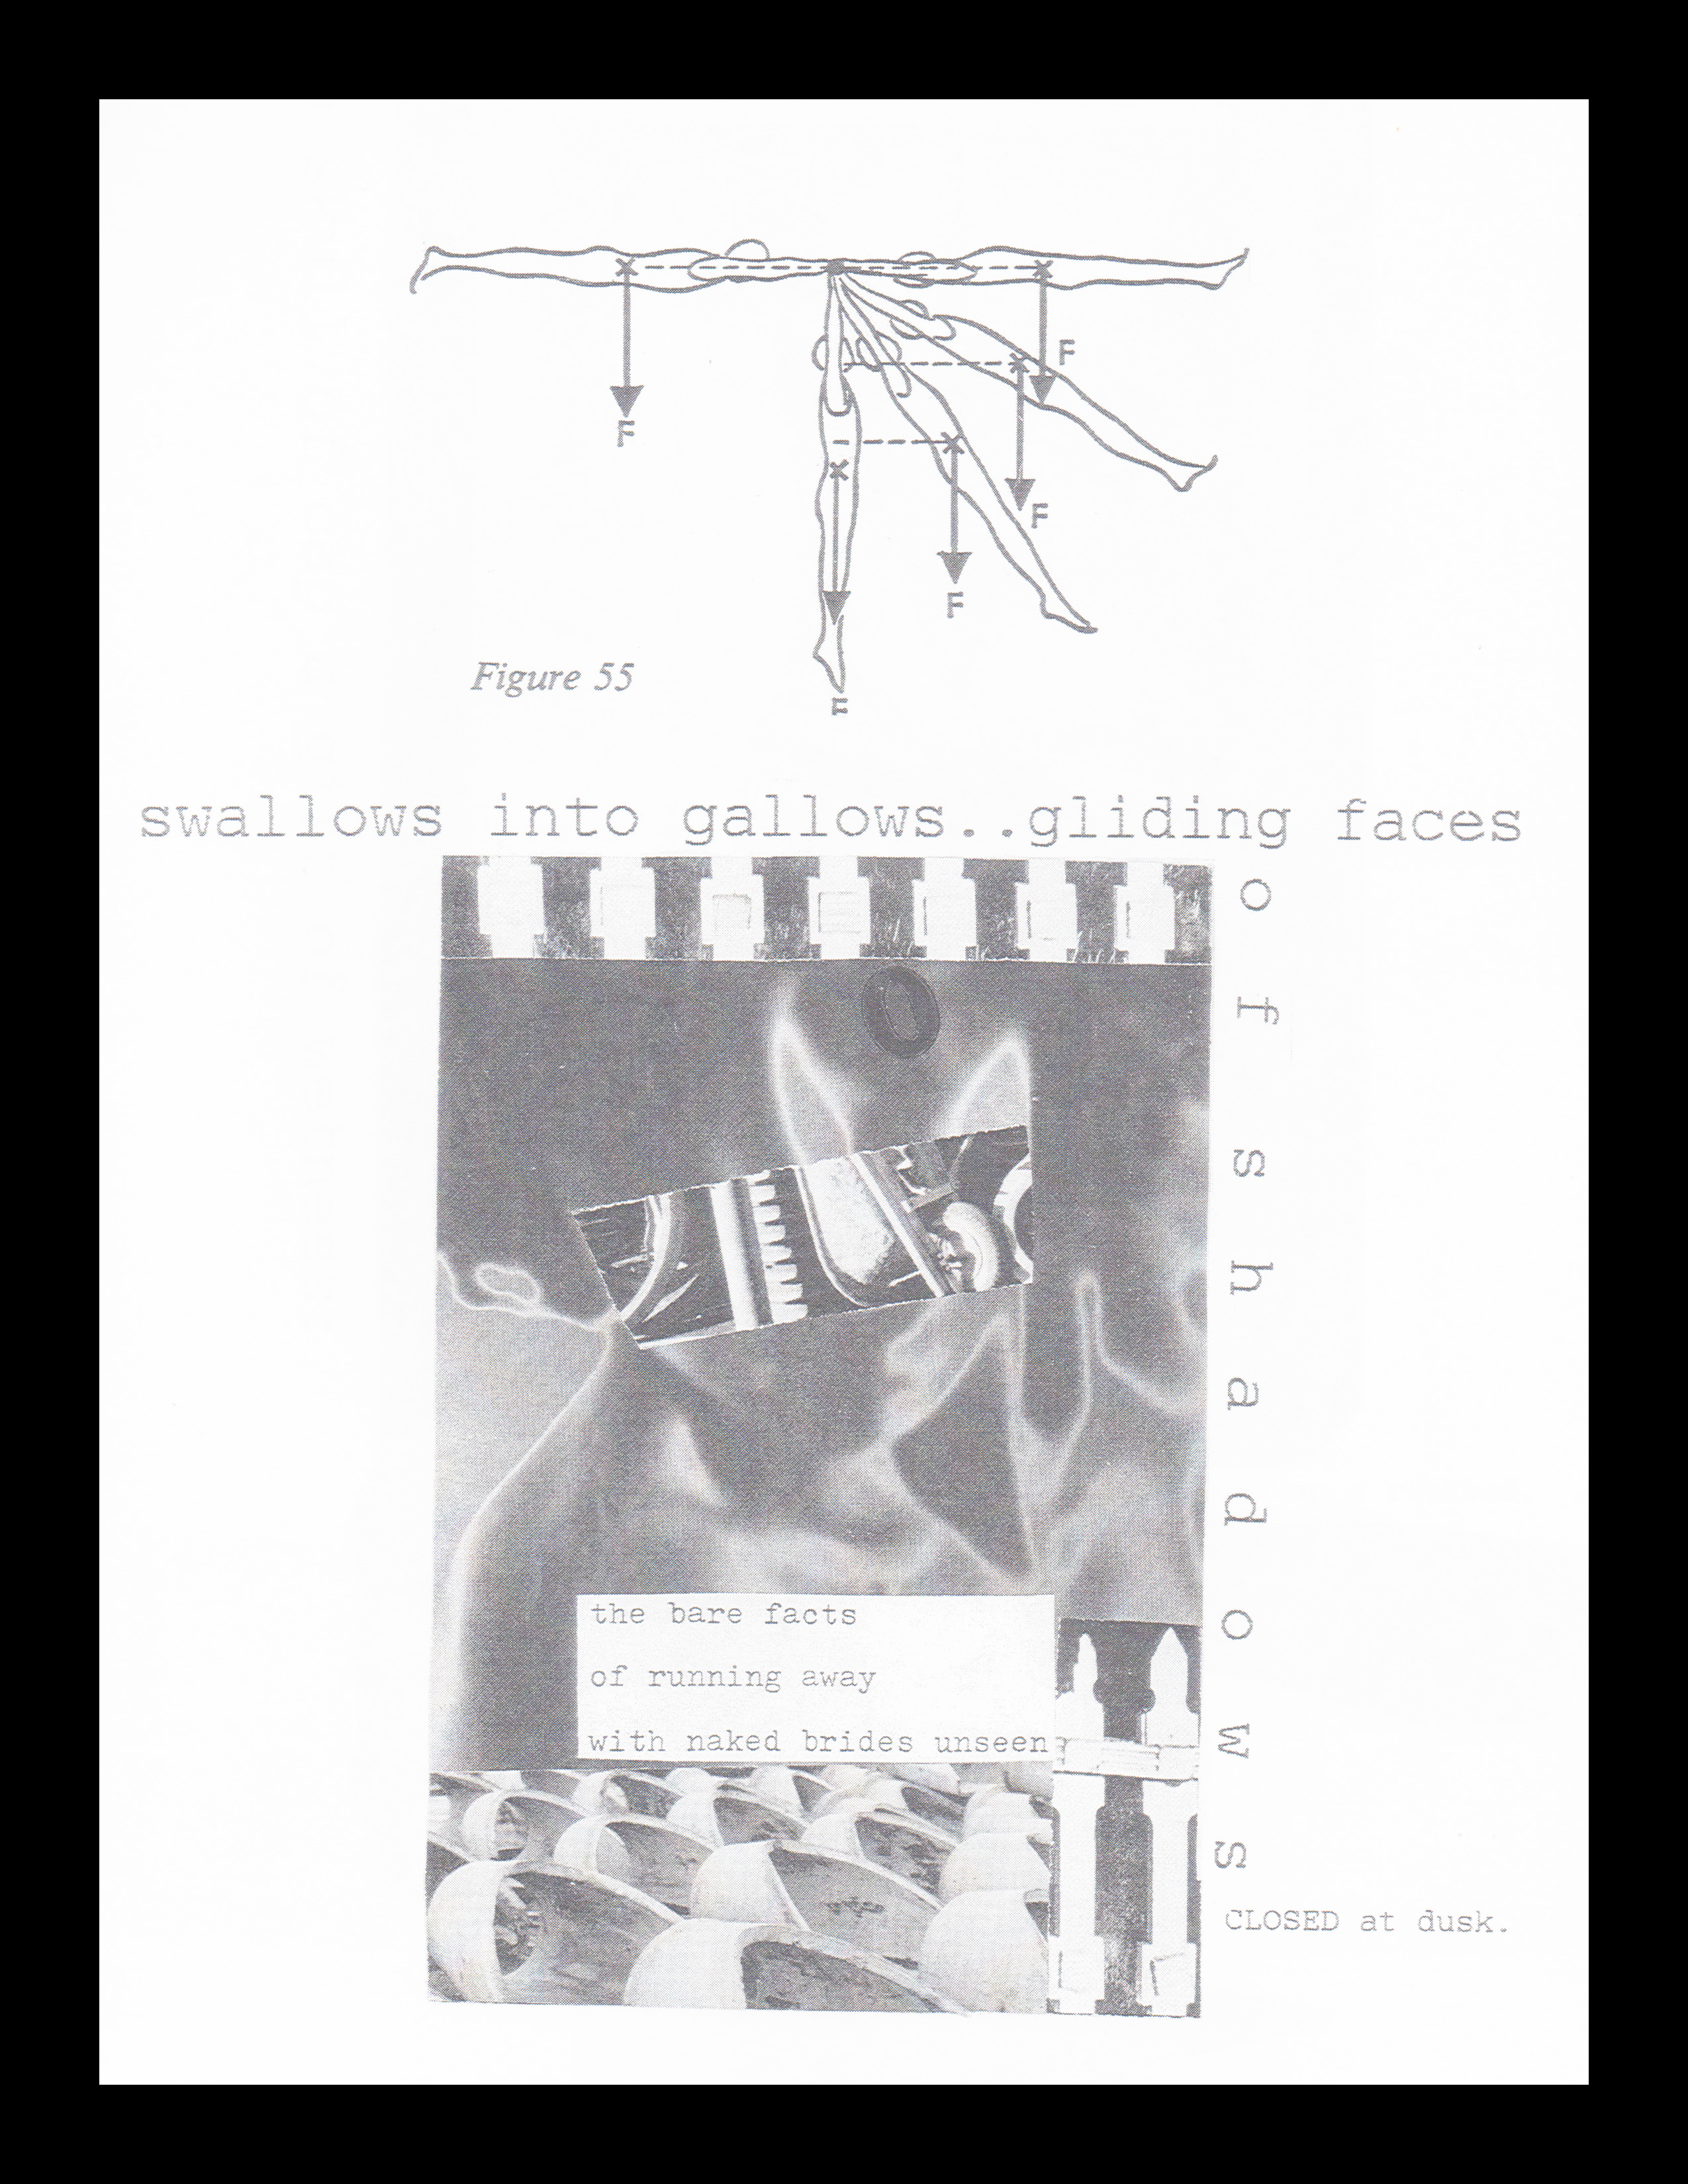 swallows into gallows